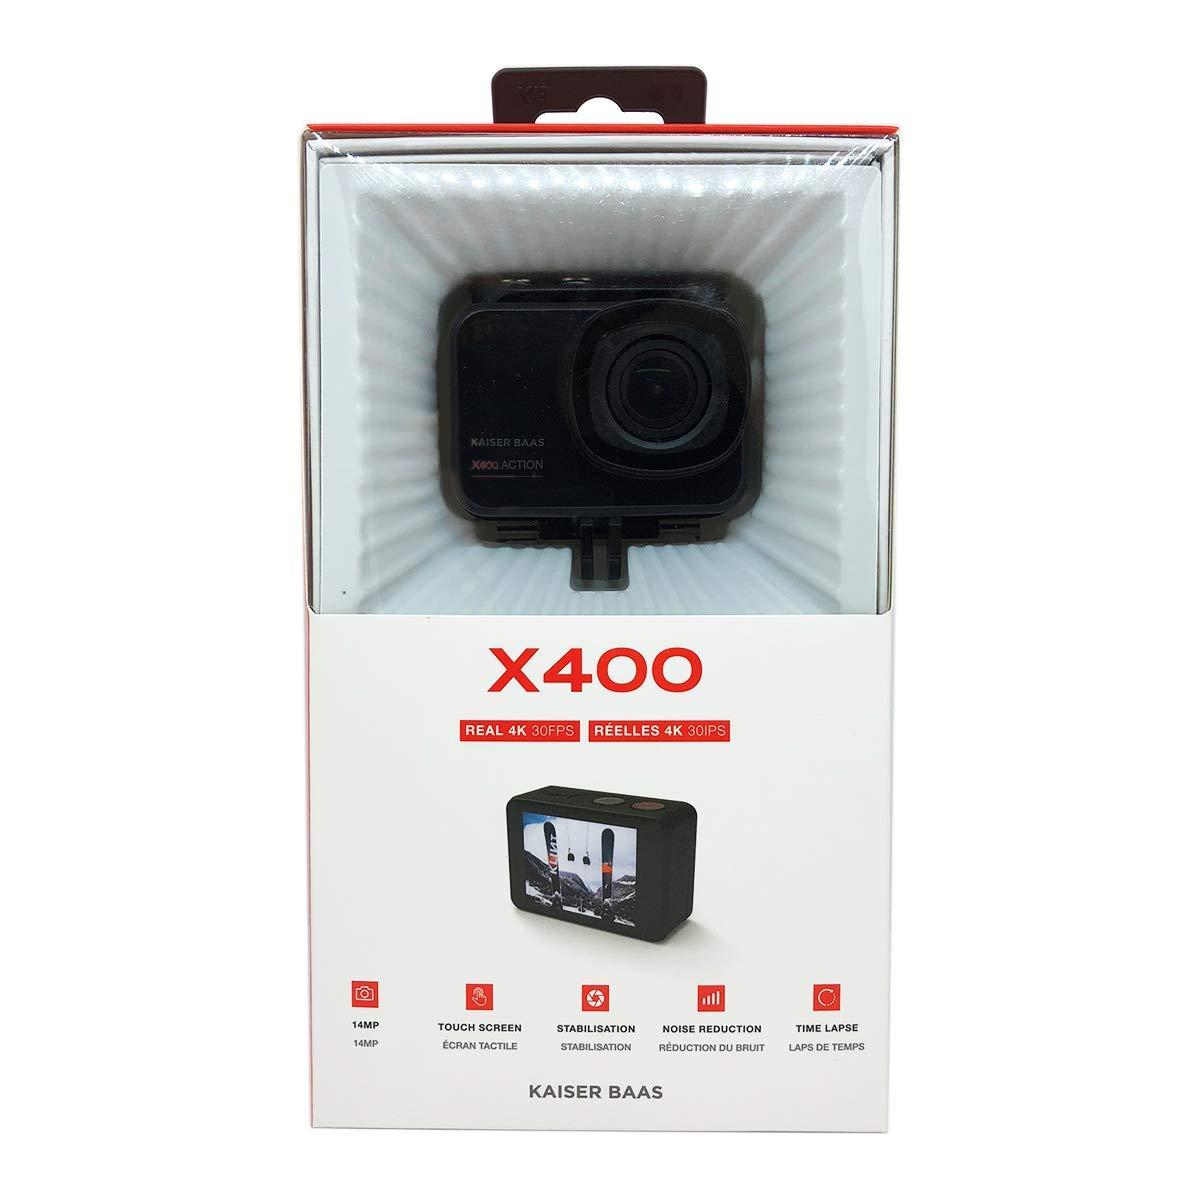 Amazon.com: Kaiser Baas X400 Cámara de acción – Real 4K ...